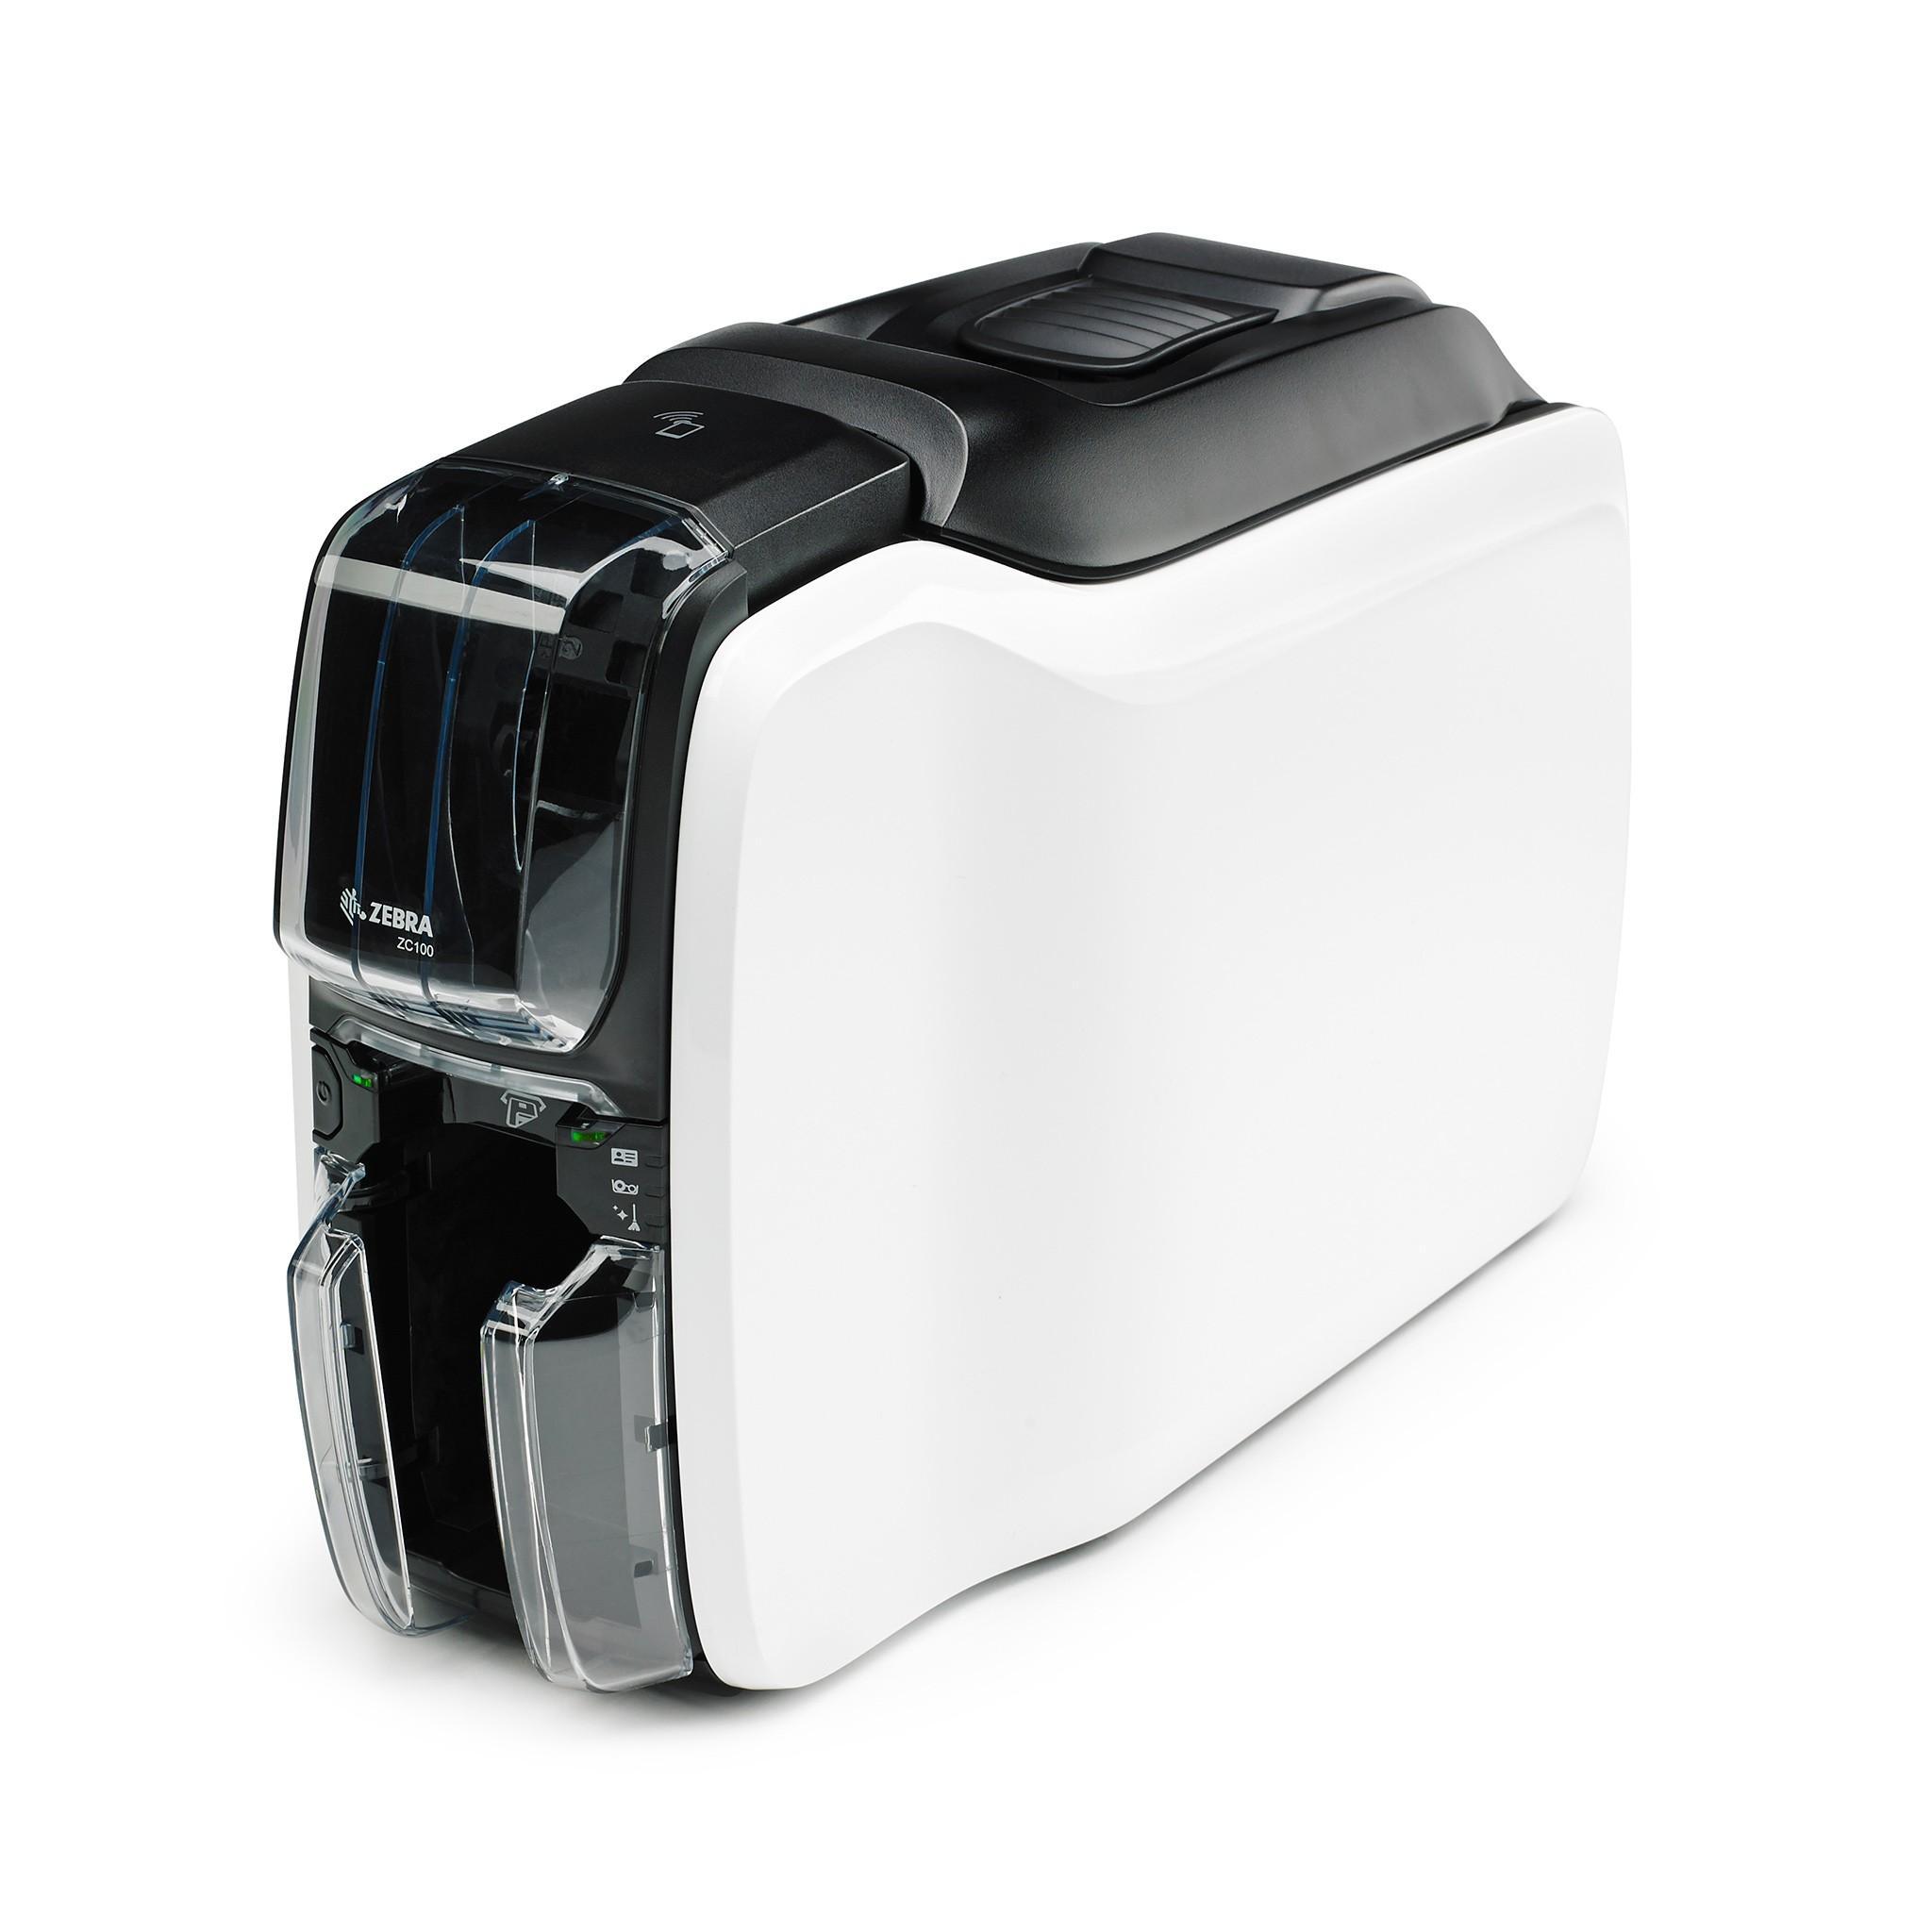 Принтер для пластиковых карт Zebra ZC100, USB